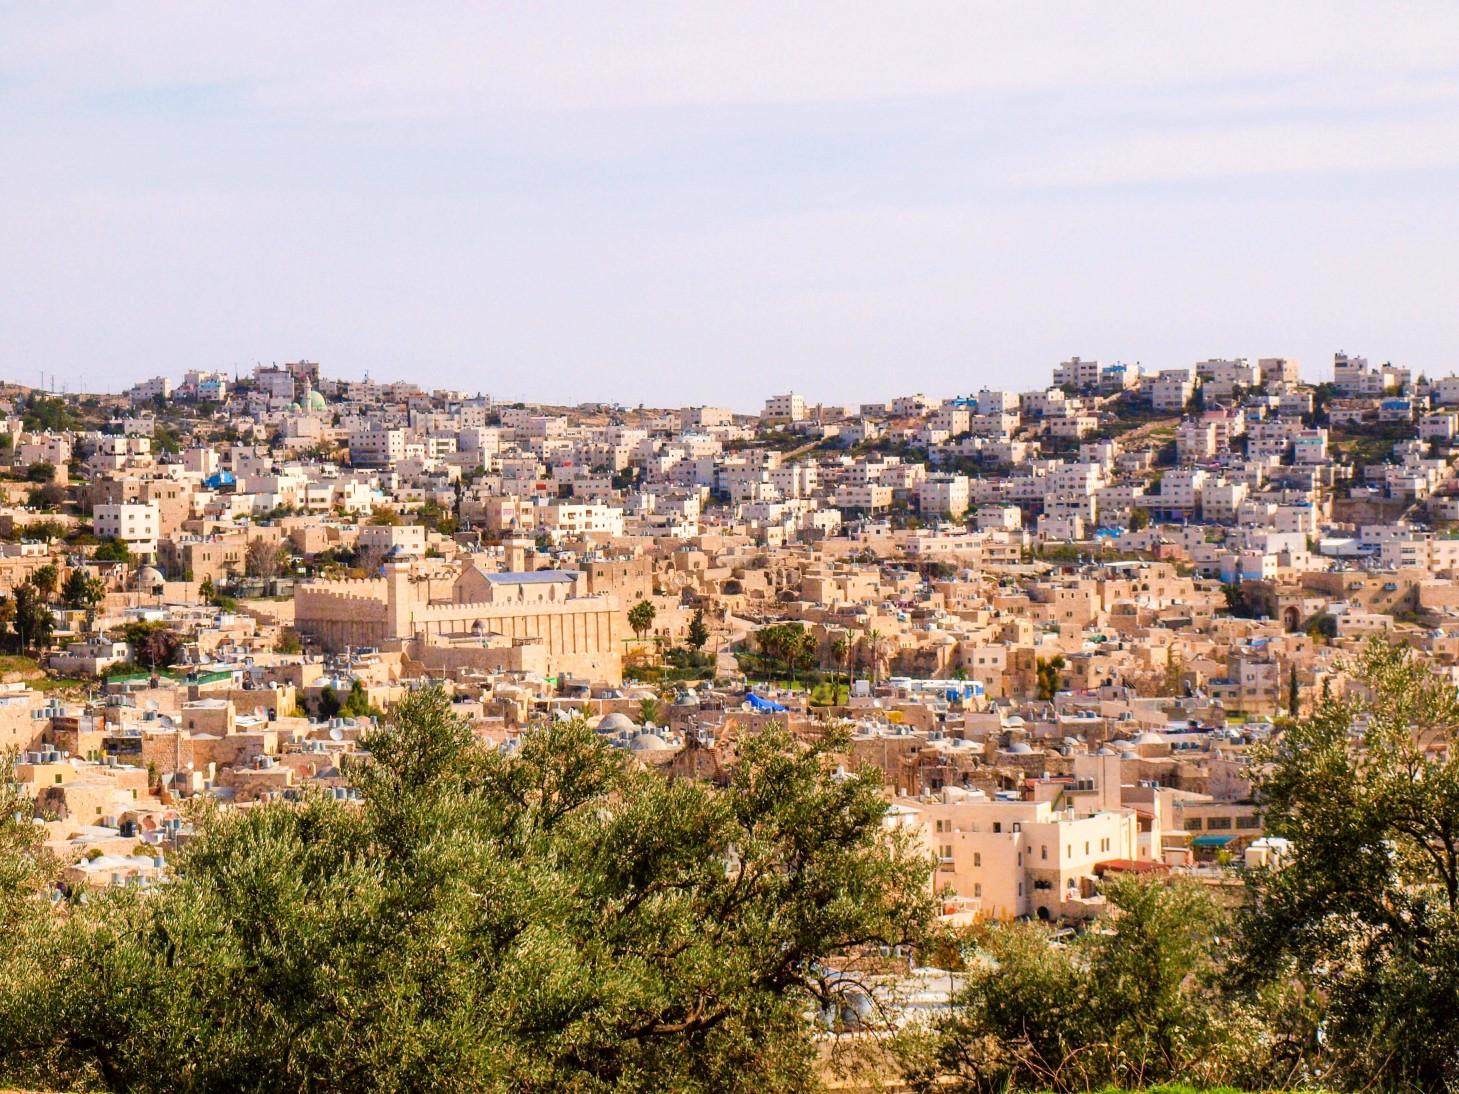 Izrael ciekawe miejsca i najwieksze atrakcje (9)